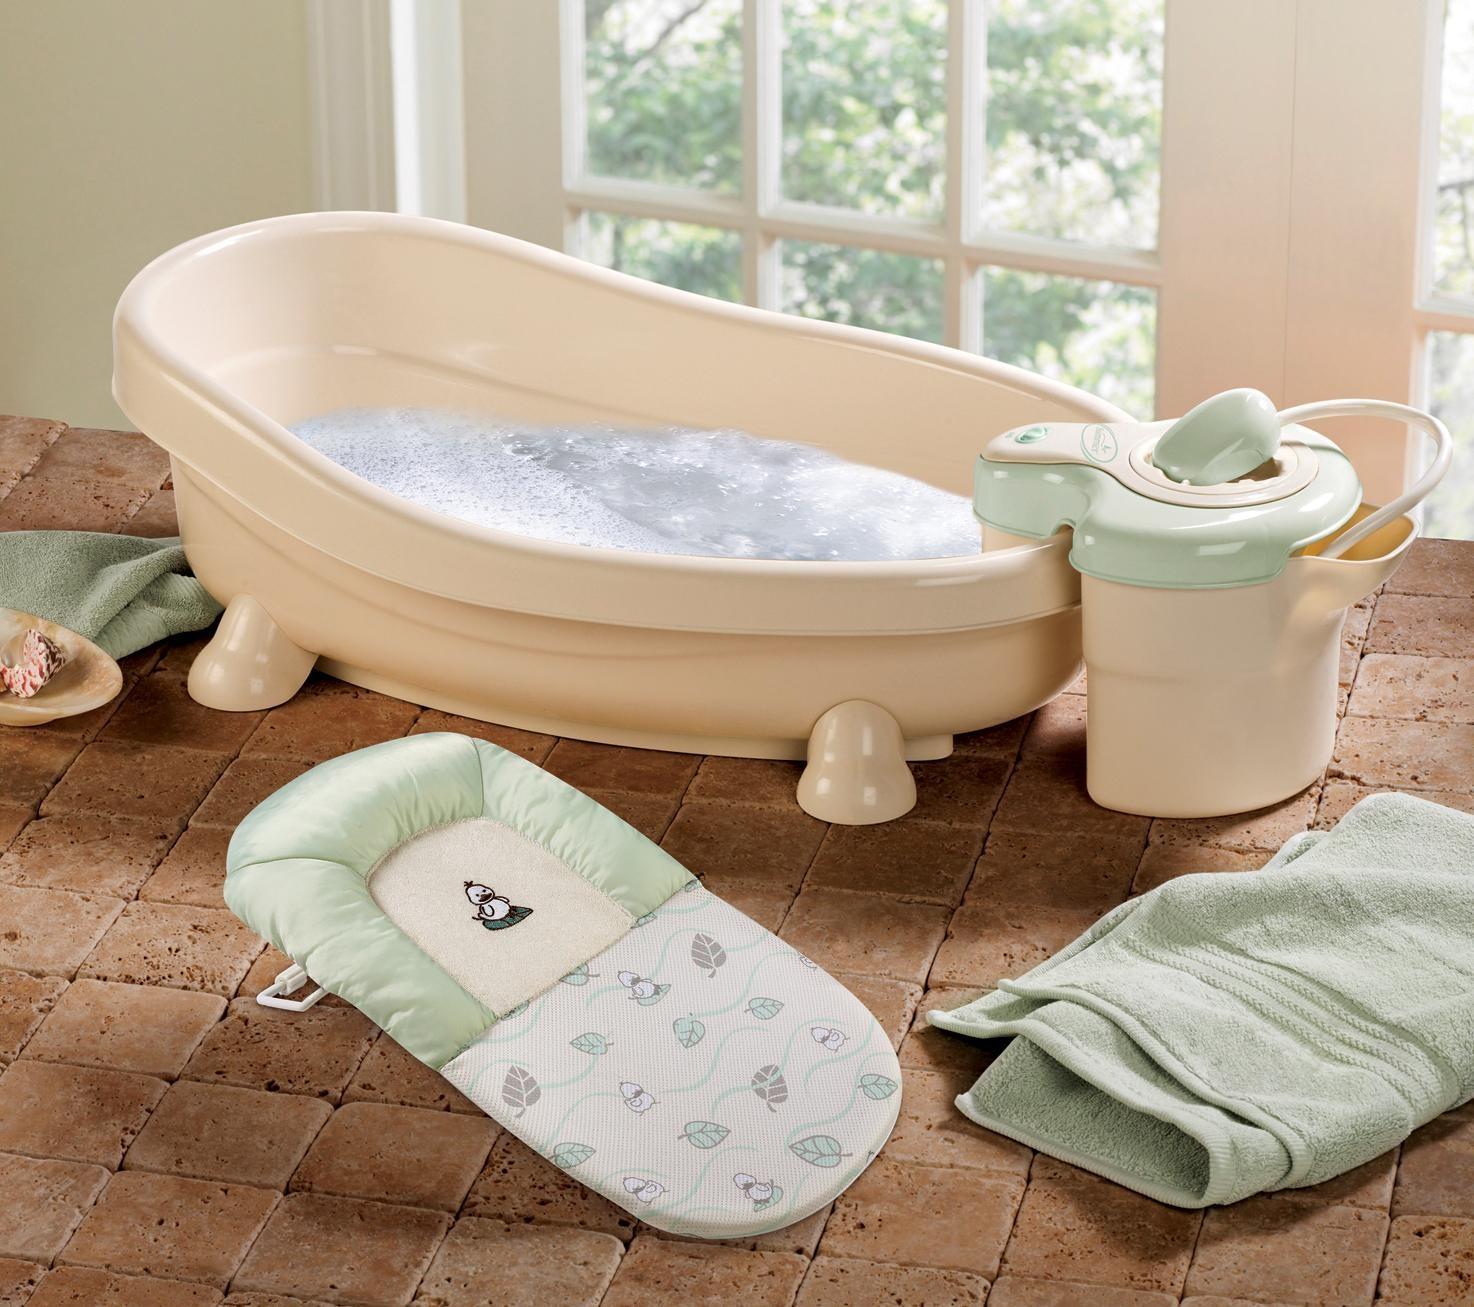 Làm sạch chậu tắm cho bé – Dễ mà khó